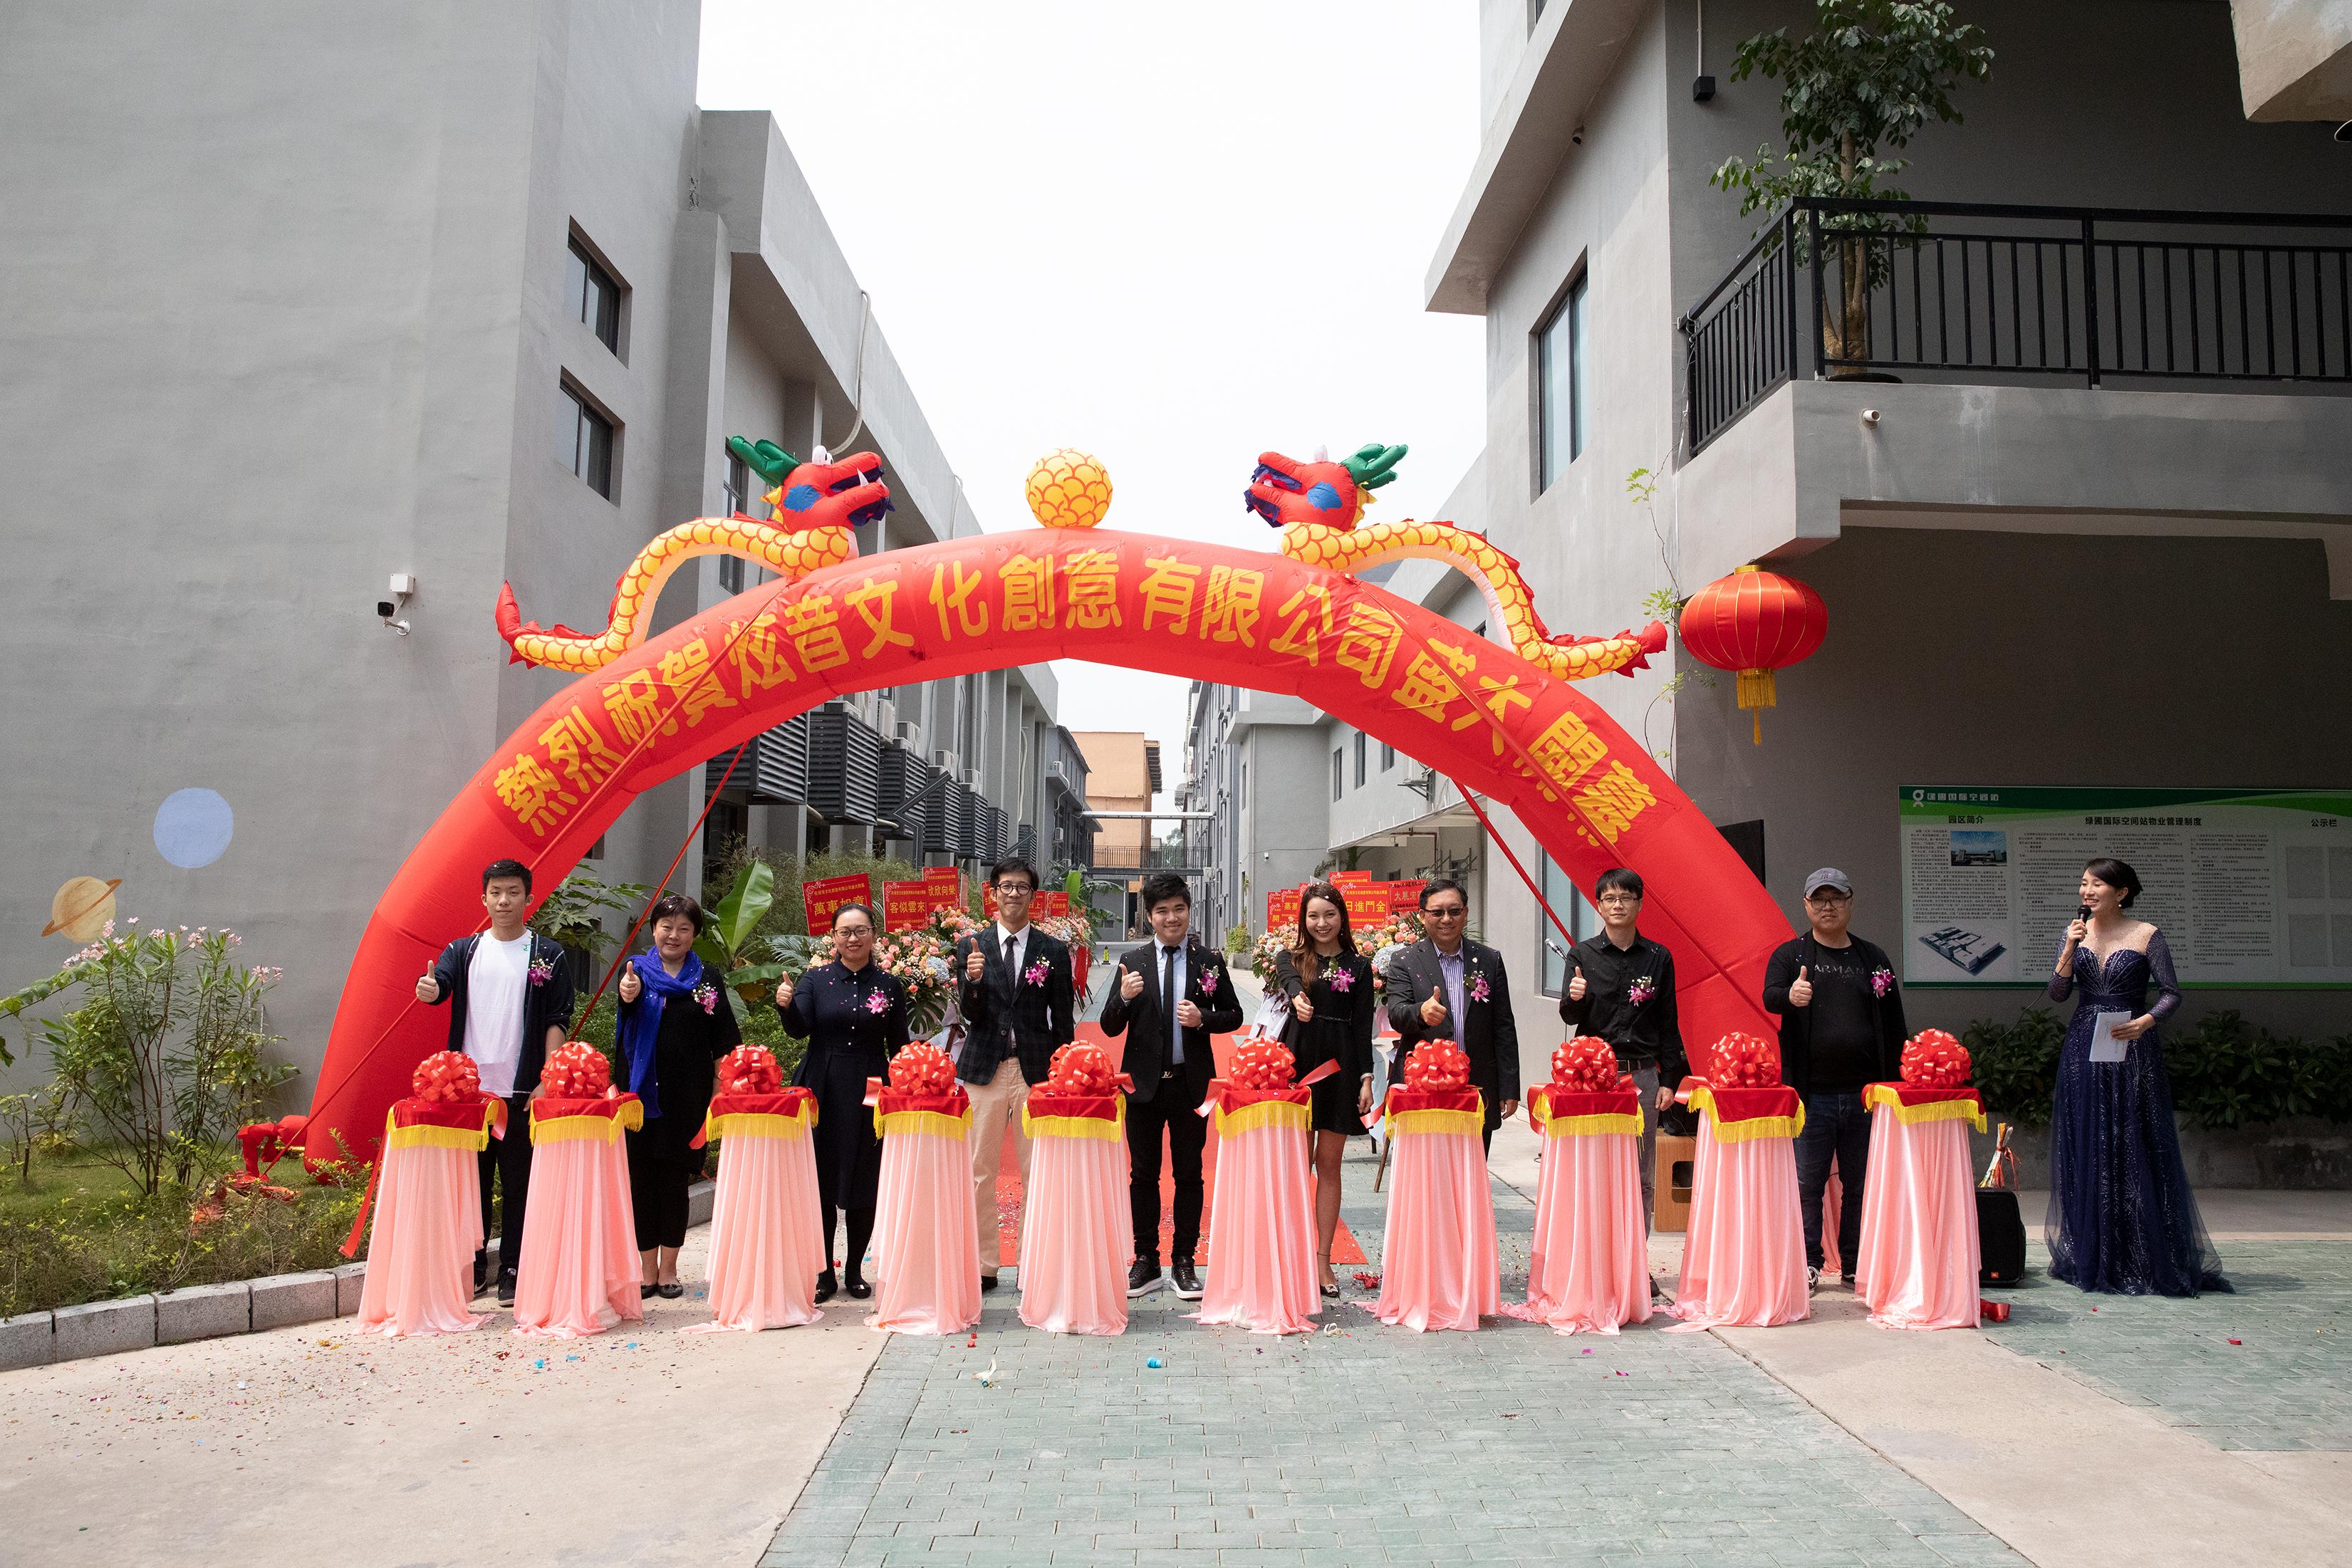 炫音文化創意(東莞)有限公司開幕典禮